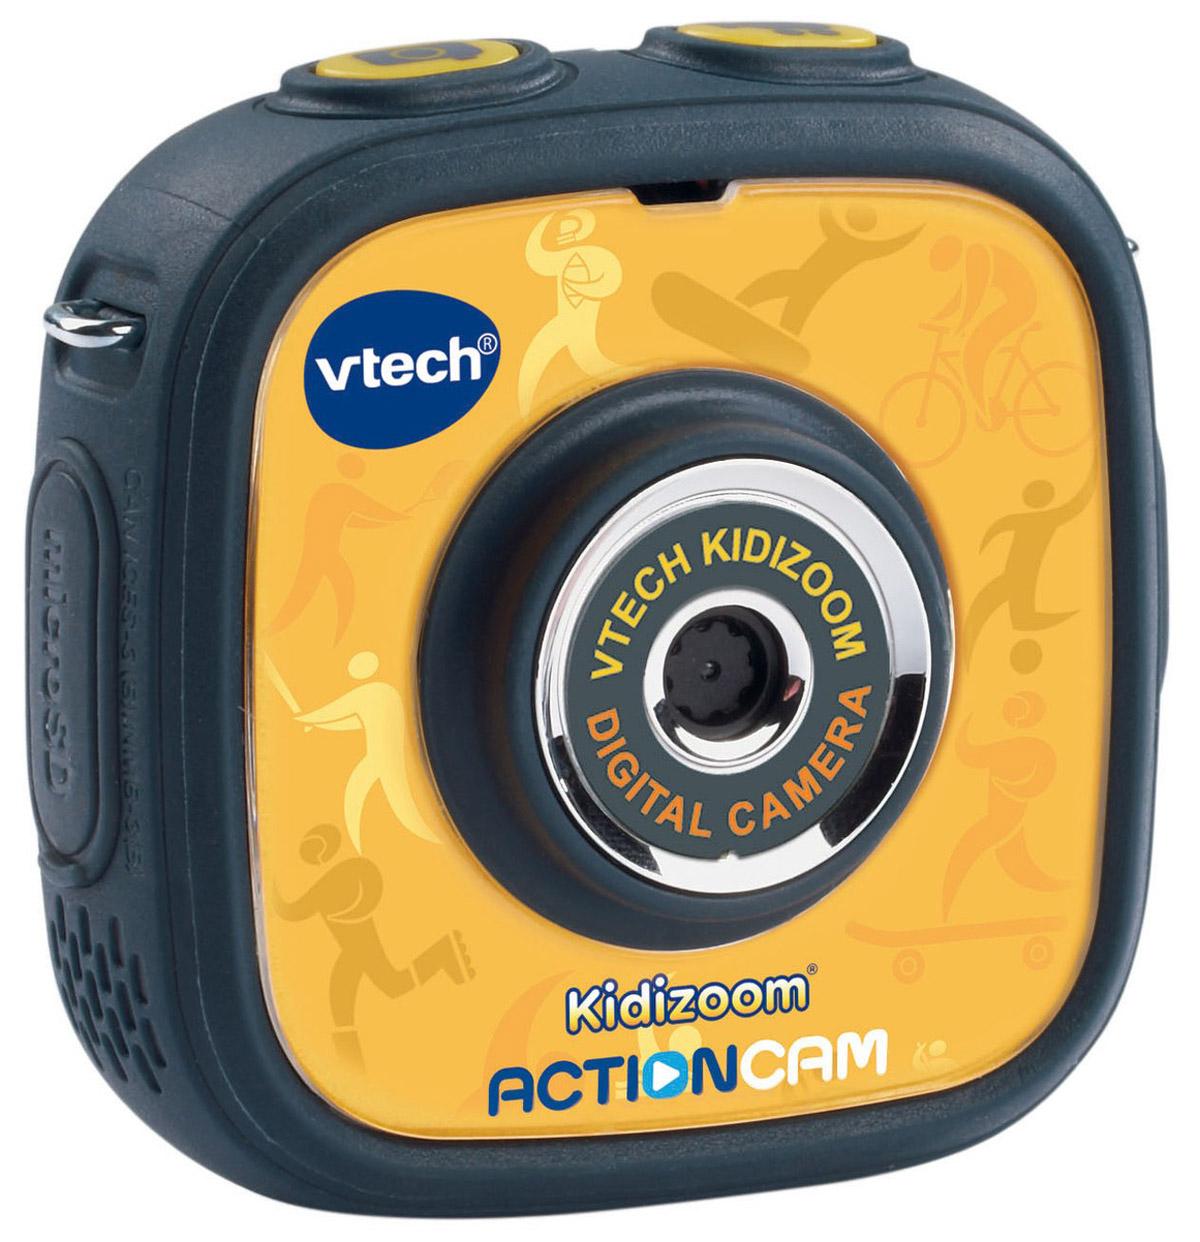 Vtech Детская экшн-камера Kidizoom Action Cam80-170700Vtech Kidizoom Action Cam - многофункциональная и простая экшн-камера, разработанная специально для детей! С ней дети смогут снимать динамические видео, делать фото, накладывать анимацию и различные эффекты, играть в игры и даже снимать под водой! Камера с разрешением 0,3 Мпикс позволяет снимать красочные фото и видео. Благодаря специальному держателю камеру можно закрепить на велосипеде или скейте и снимать свои приключения. Водонепроницаемые прочный корпус позволяет делать съемки под водой на глубине до 1,5 метров. Применив необычные фильтры и эффекты к фото и видеороликам, можно перенести изображения на компьютер при помощи usb-кабеля, который входит в комплект. Помимо возможности фото и видеосъемки в Kidizoom Action Cam есть также 3 увлекательные встроенные игры, которые не дадут малышу скучать в перерывах между съемками. Особенности камеры:Прочная, водонепроницаемая камера,Разрешение: 0.3 Мп,Крепления для велосипеда и скейта,Водонепроницаемый чехол для съемки под водой,128 МБ встроенной памяти (на 600 фото) + слот для micro SD/SDHC карт до 32 ГБ,Запись видео до 2,5 часов без подзарядки,3 игры,Покадровая анимация,Возможность подключения к ПК (кабель входит в комплект),Цветной дисплей (1.41 дюйма),Возможность применять забавные эффекты к фотографиям и видеороликам,Встроенный Li-ion аккумулятор,Шнурок-петля.Продается в стильной коробке и идеально подходит в качестве подарка. Компания Vtech - лидирующий поставщик электронных обучающих игрушек для детей. Цифровые игрушки и товары для детей Витек позволяют детям развивать свои творческие навыки, креативность, способность изучать окружающий мир, учиться читать и считать.